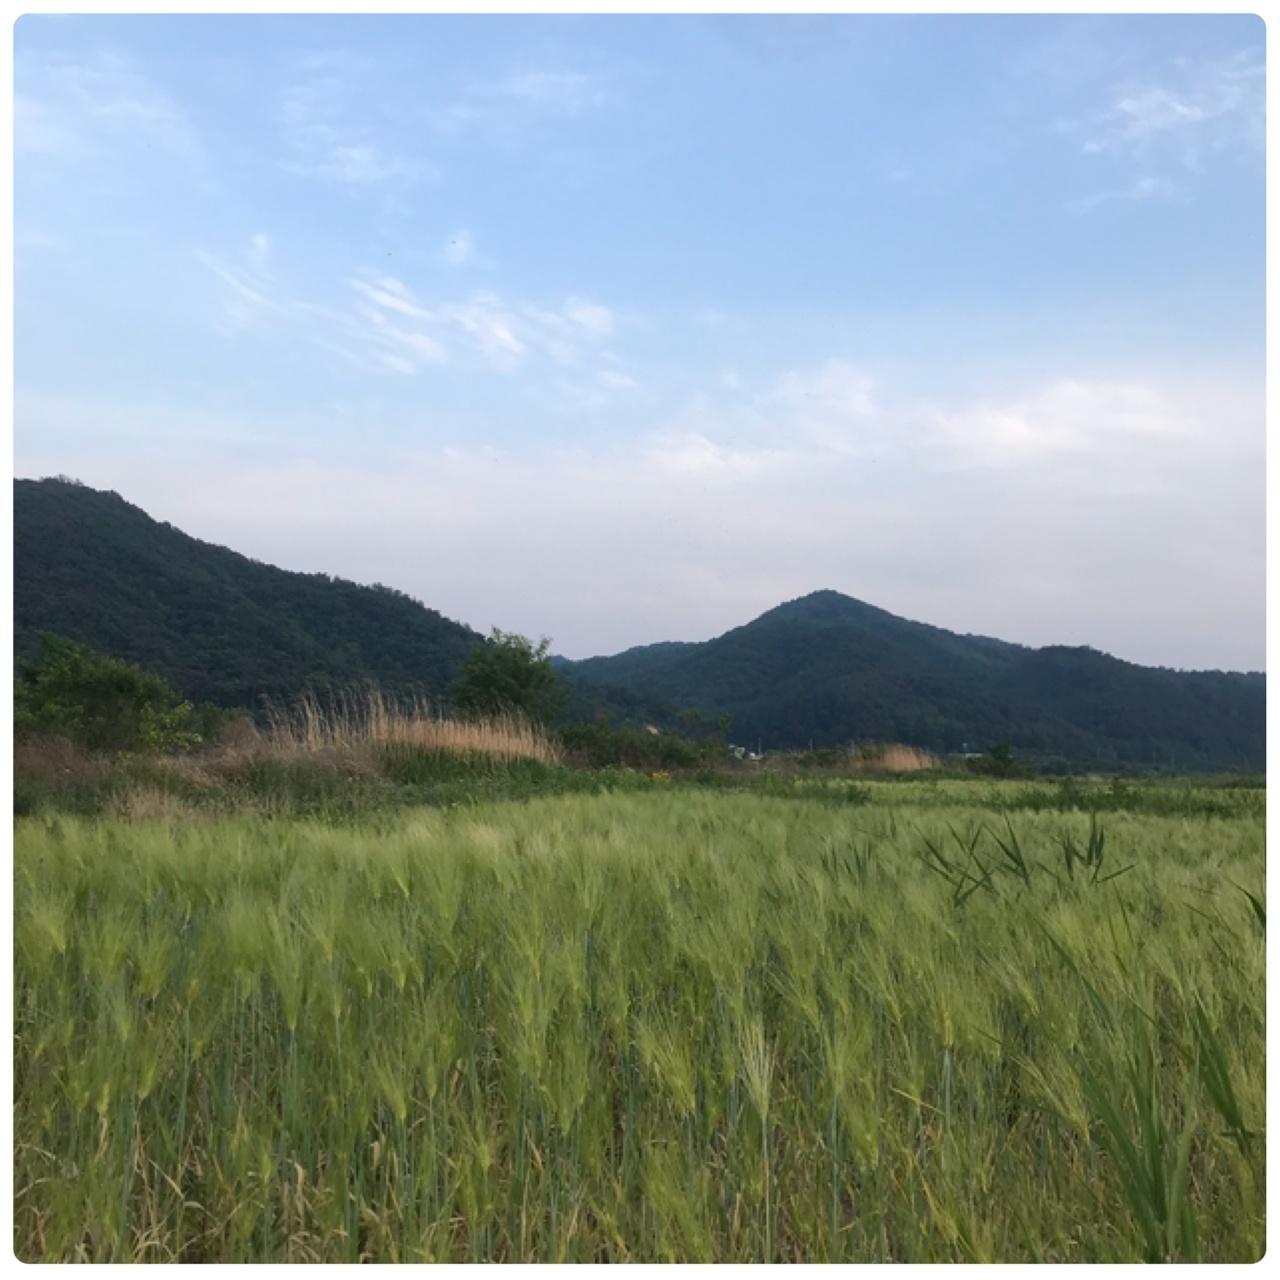 봄에 만날 수 있는 청보리 밭 .